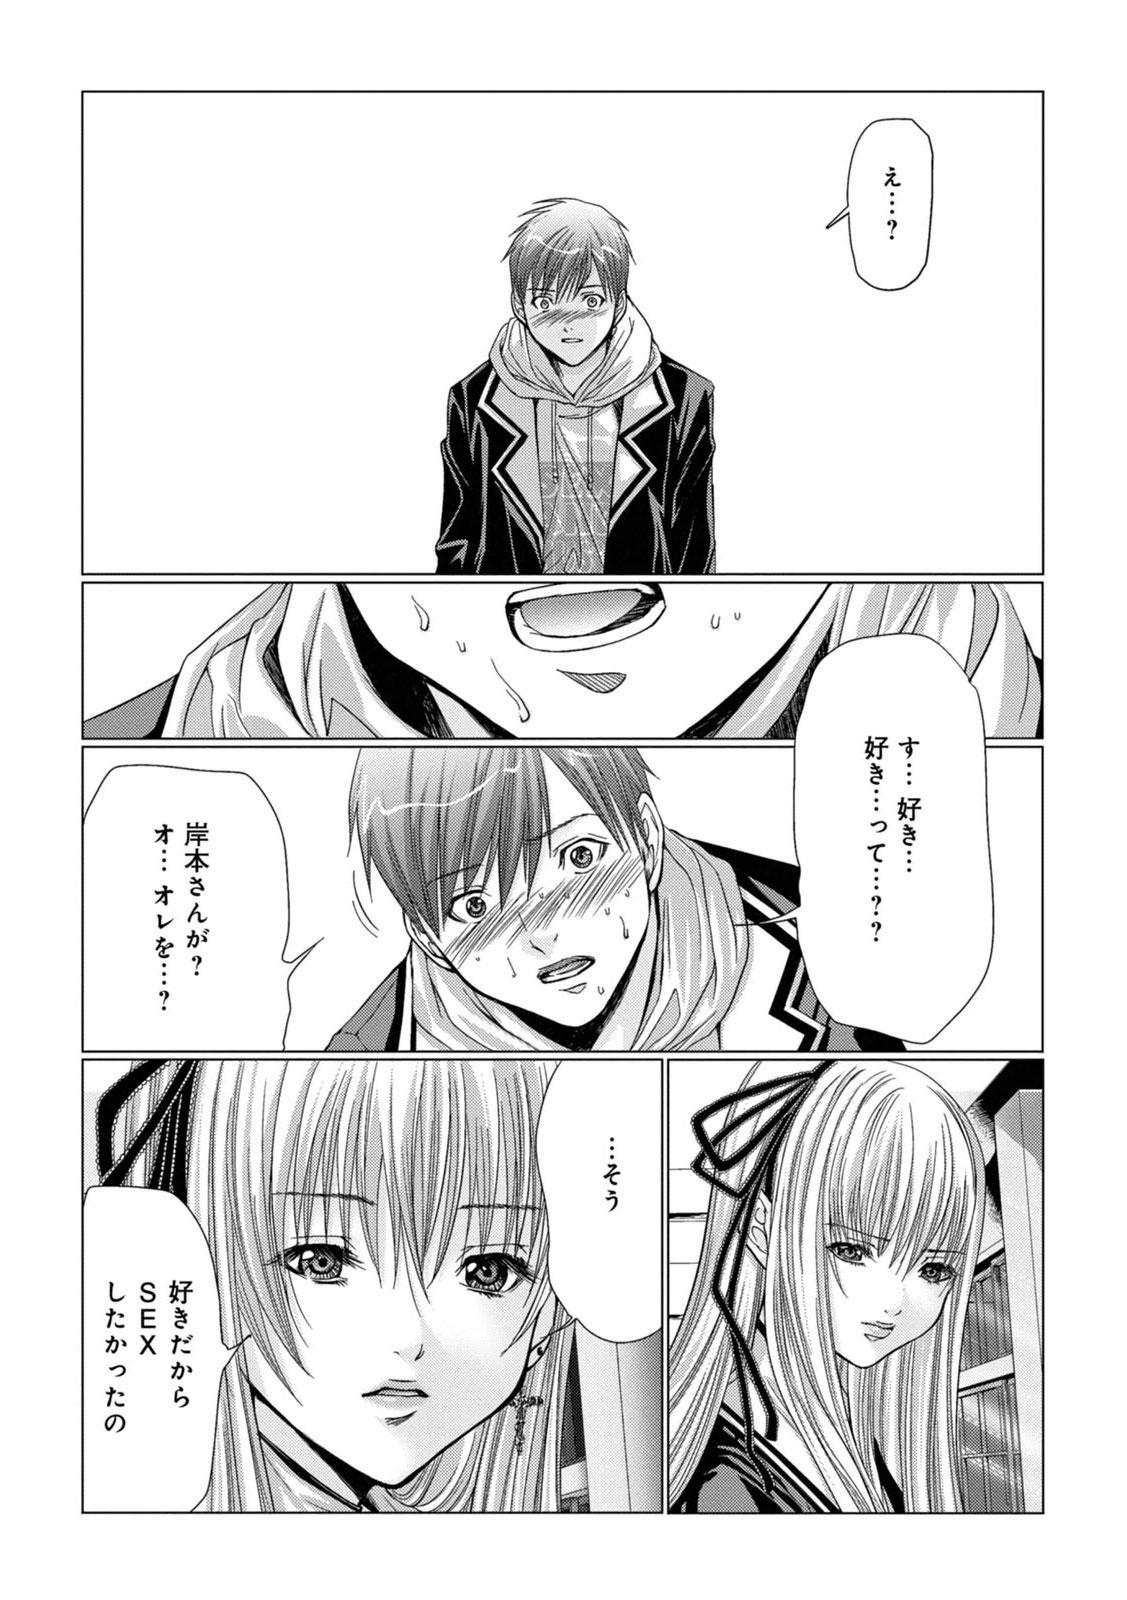 [Miyazaki Maya] Holy Knight ~Junketsu to Ai no Hazama de~ Vol. 1 48